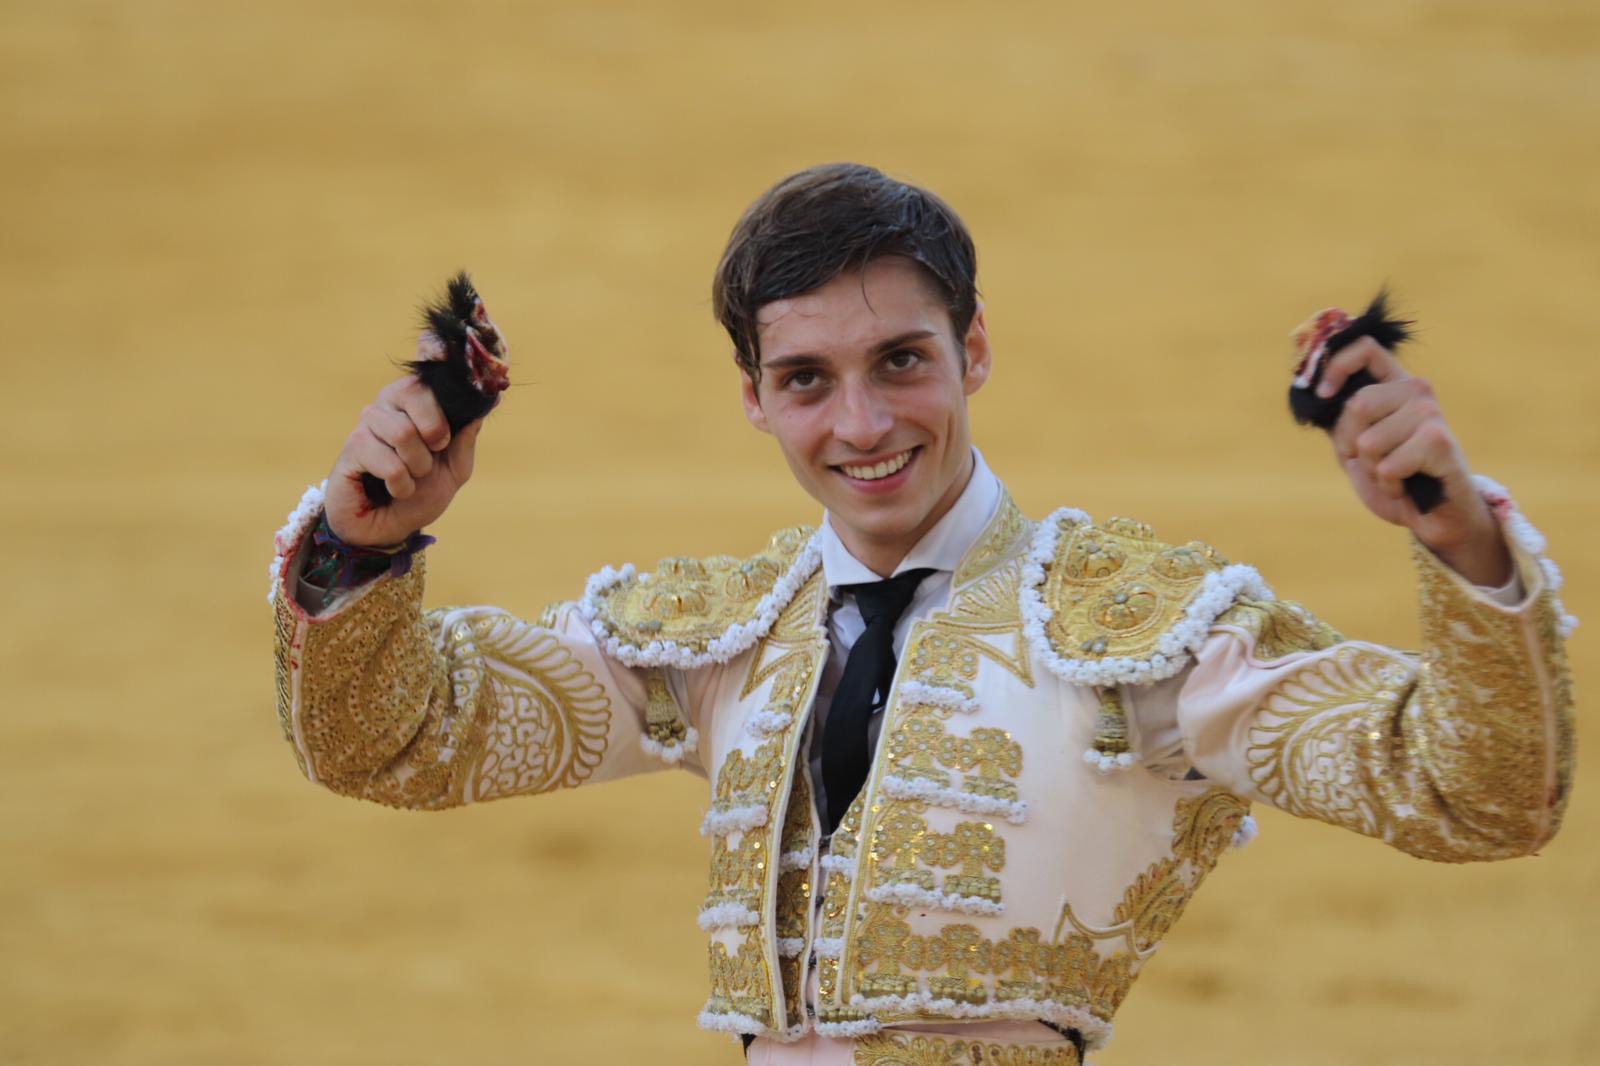 Jaime González-Écija, triunfador en Antequera, completa el cartel de la gran final del Circuito de Novilladas de Andalucía